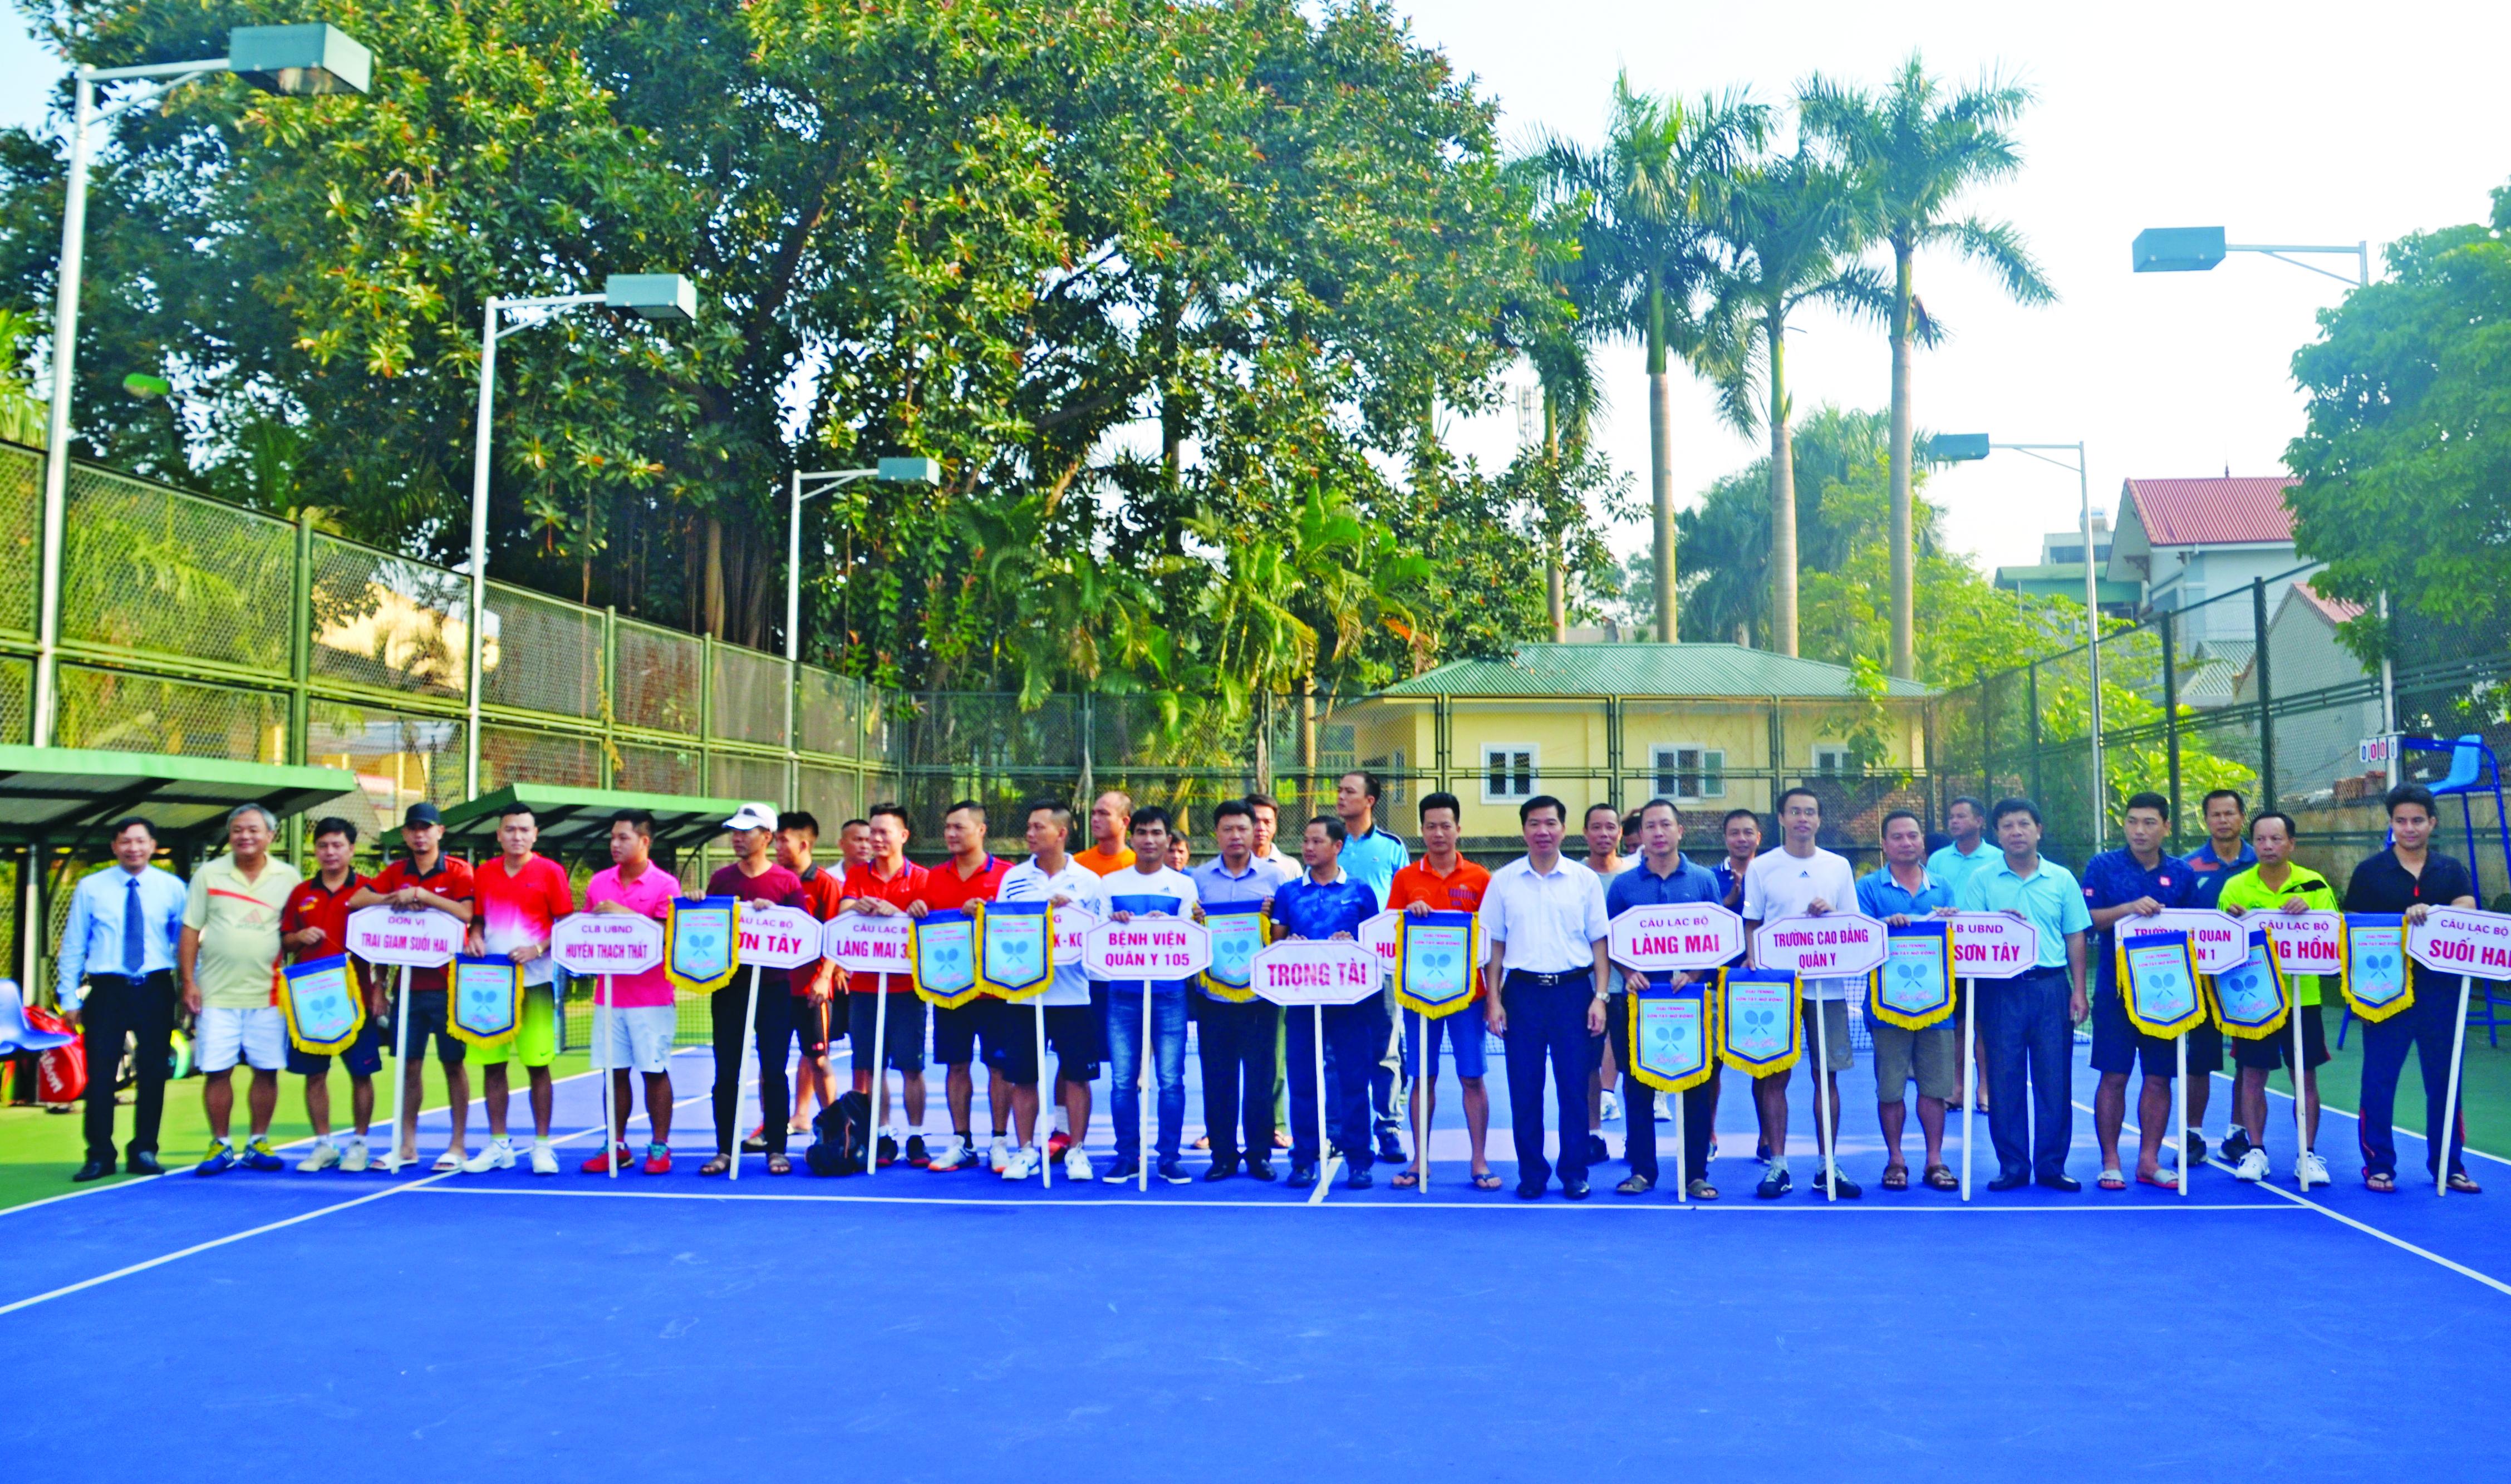 Phong trào thể dục thể thao ngày càng thu hút đông đảo người dân tham gia